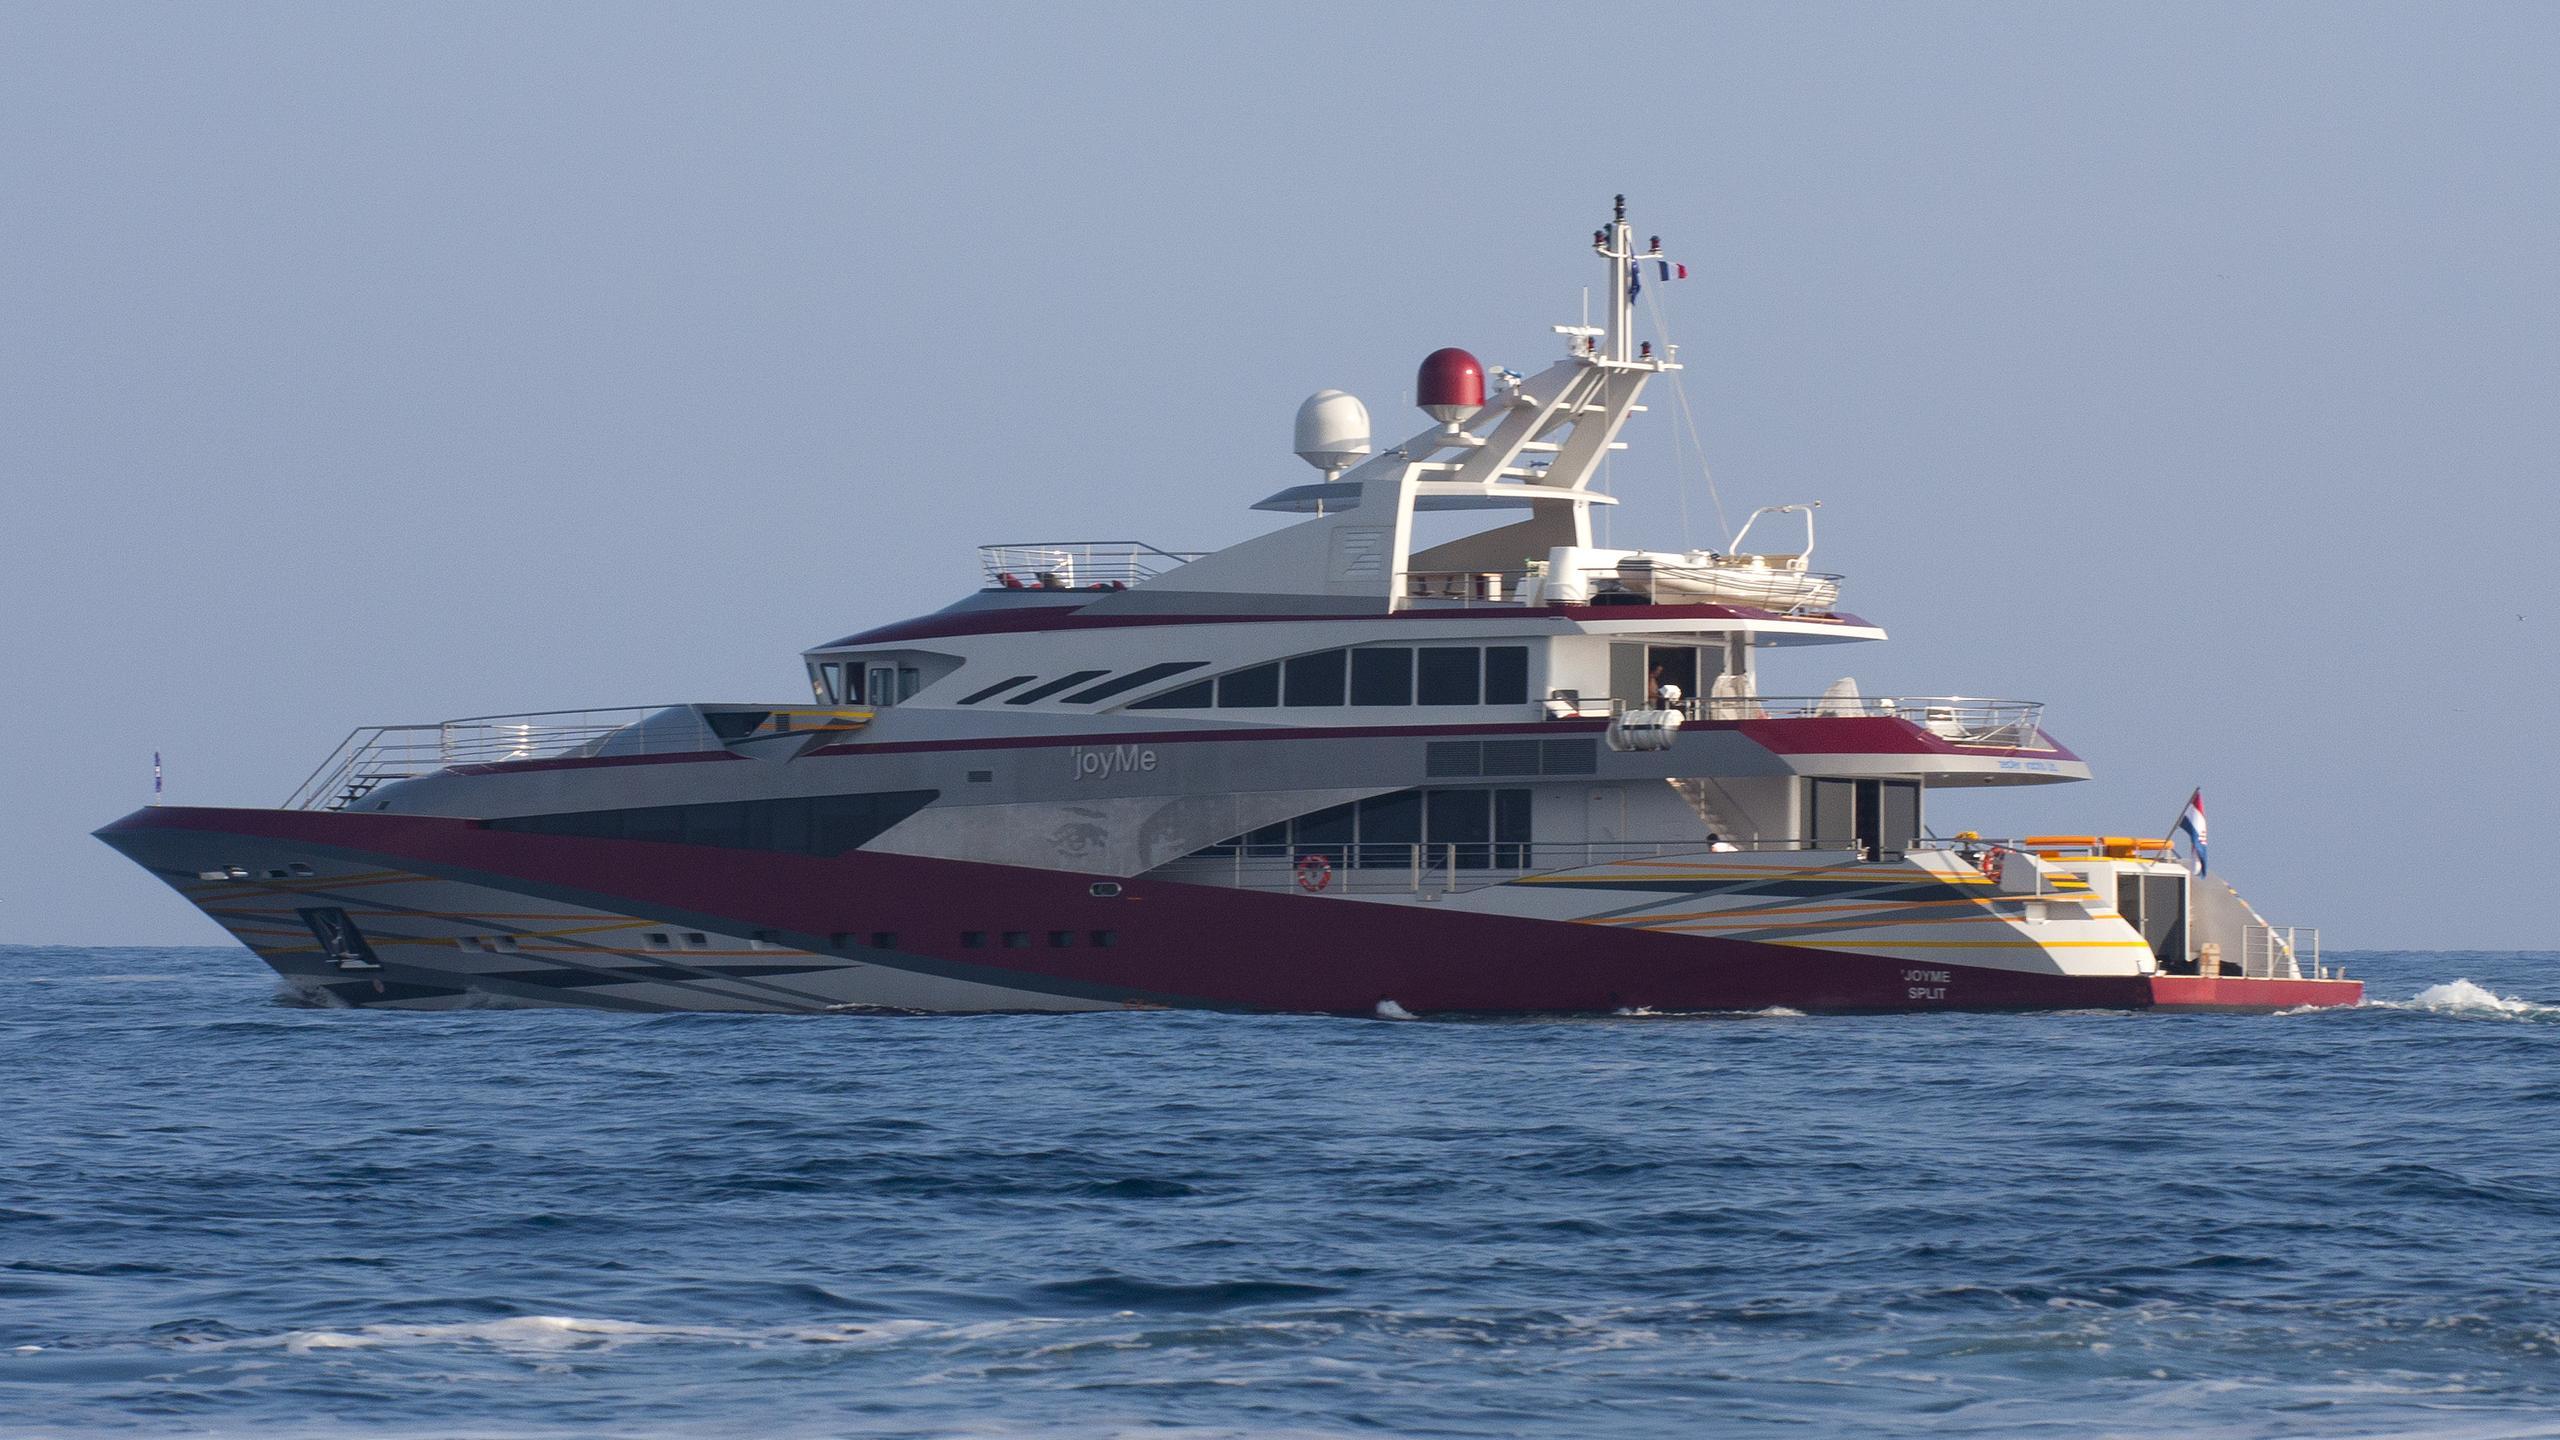 joyme-yacht-exterior